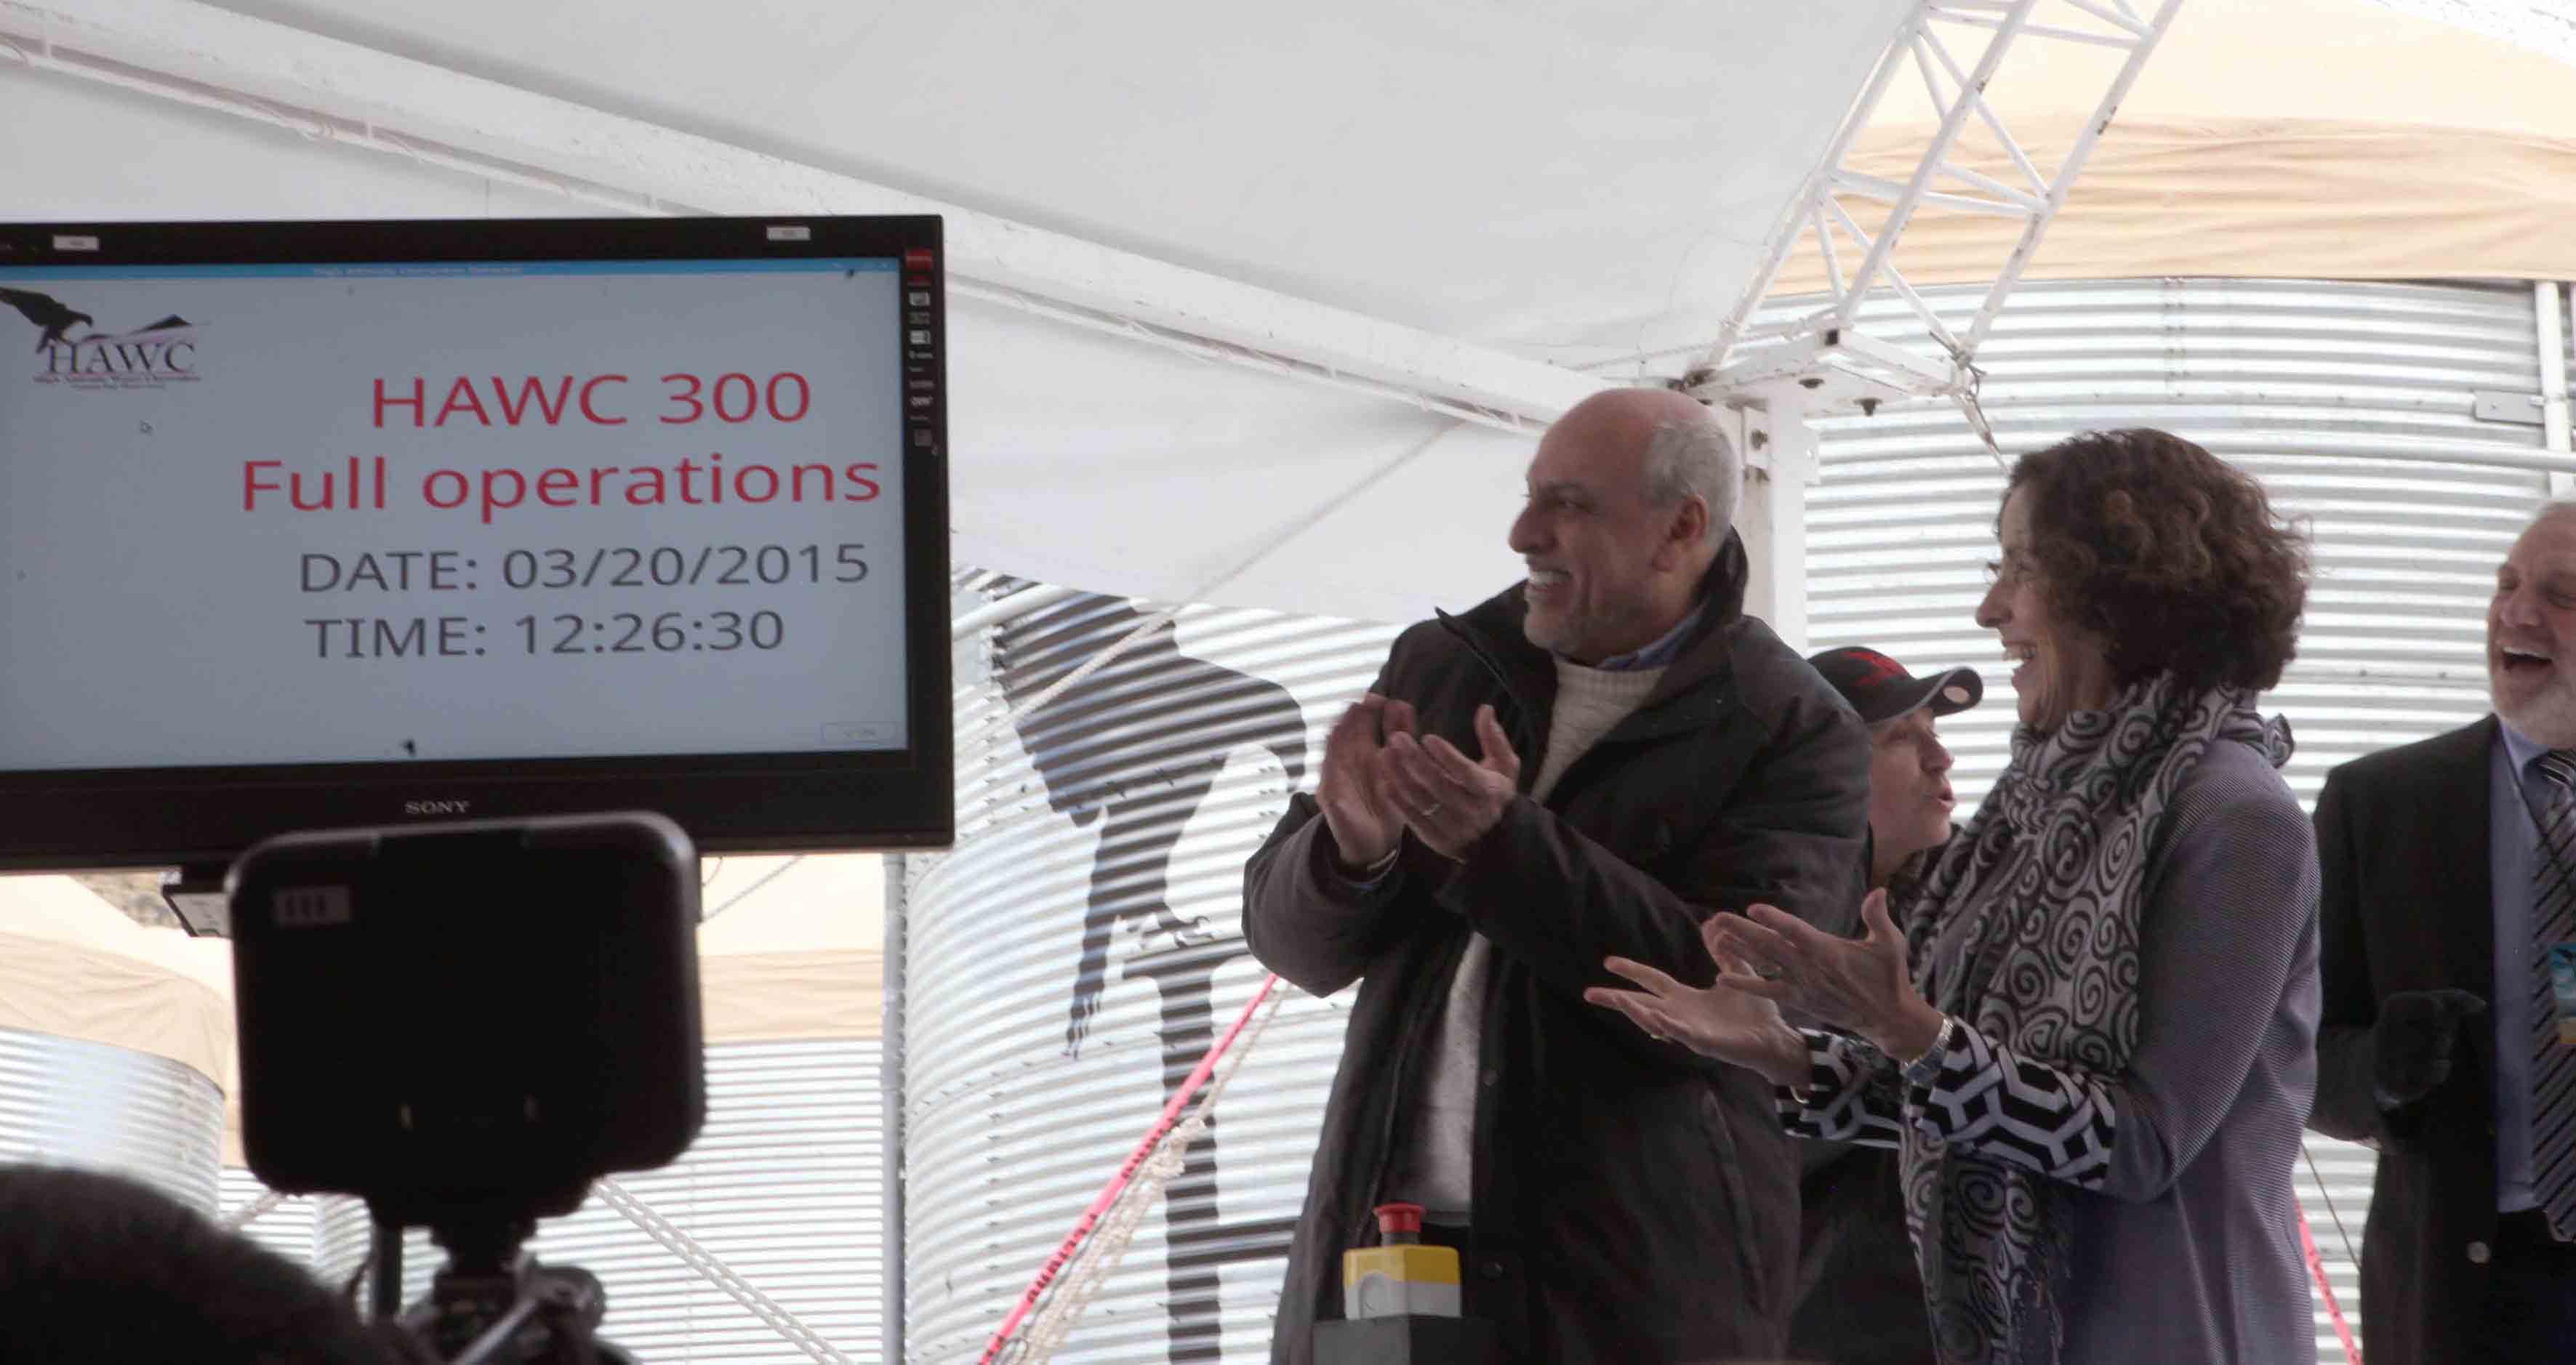 Participantes del evento apunto de  pulsar el boton que abre la ventana mas grande del mundo